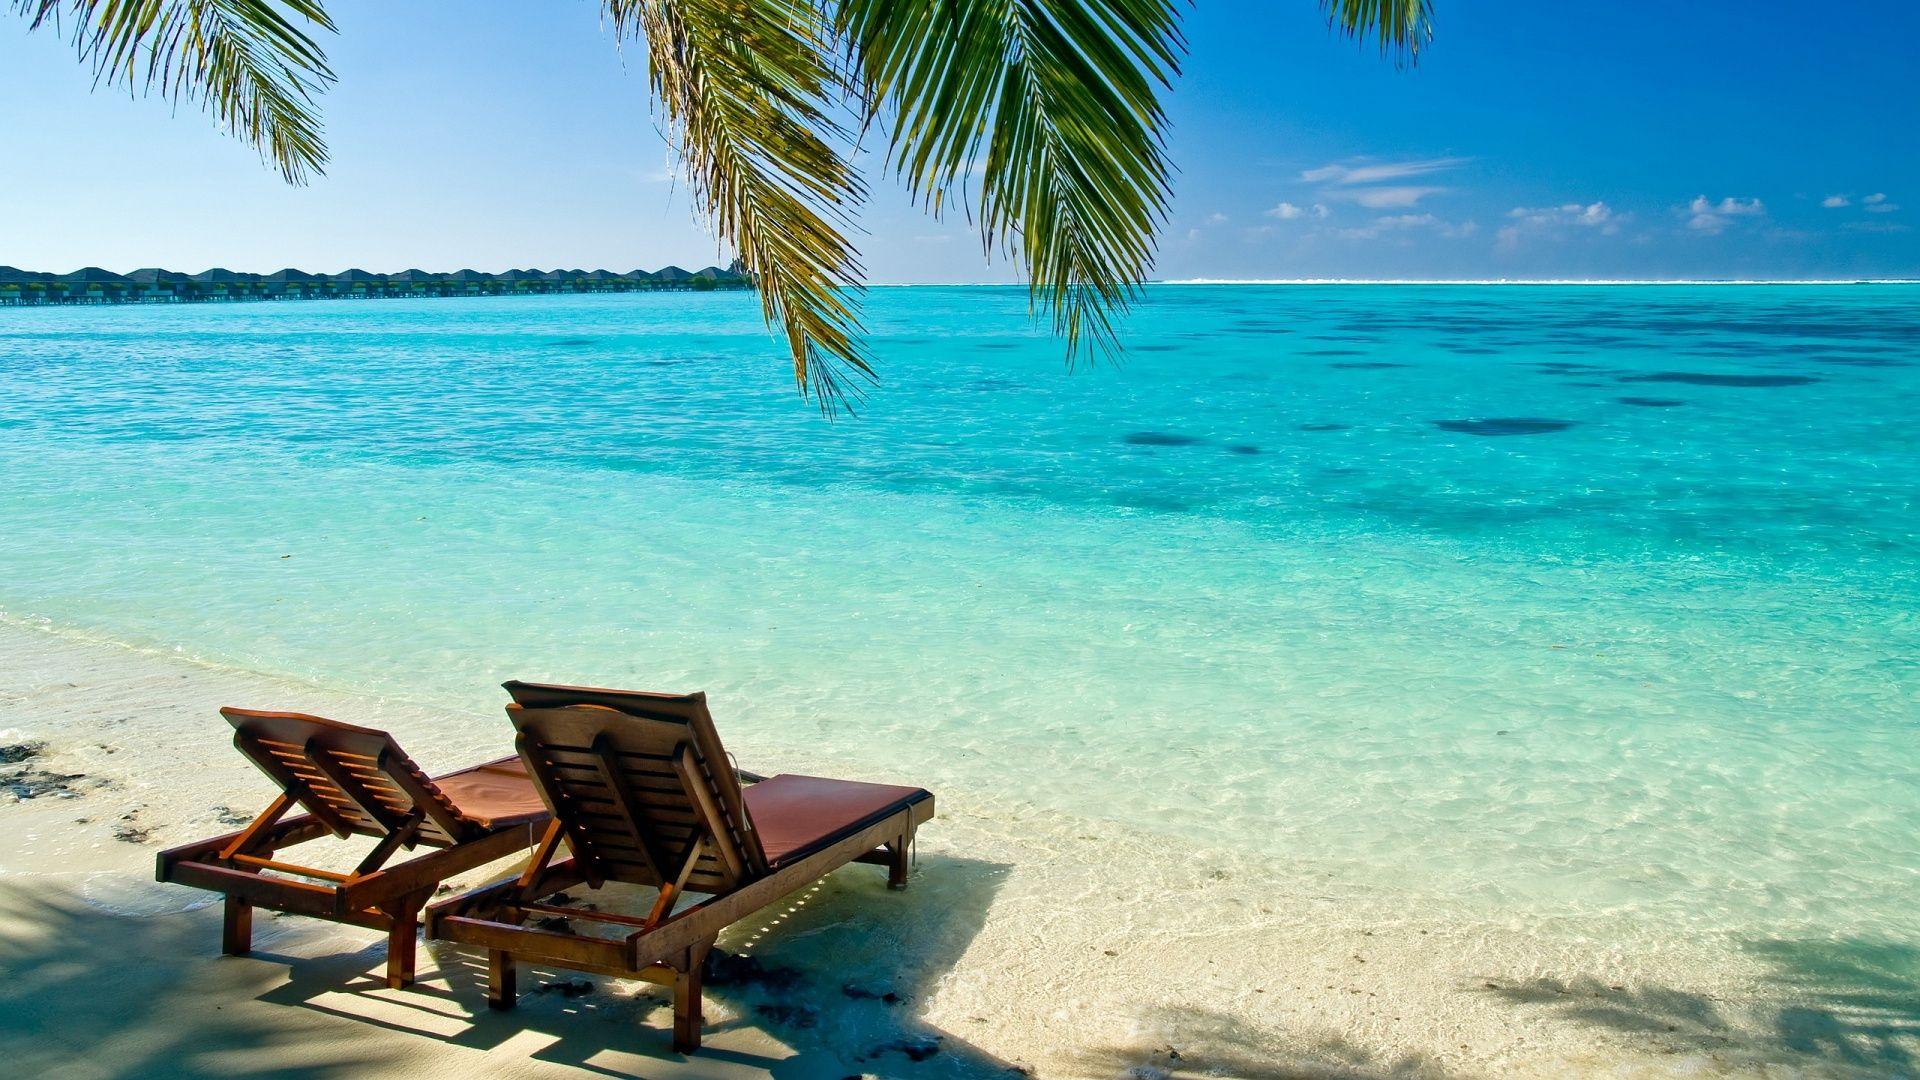 1920x1080 Maldives Tropical Beach Wallpaper Beach